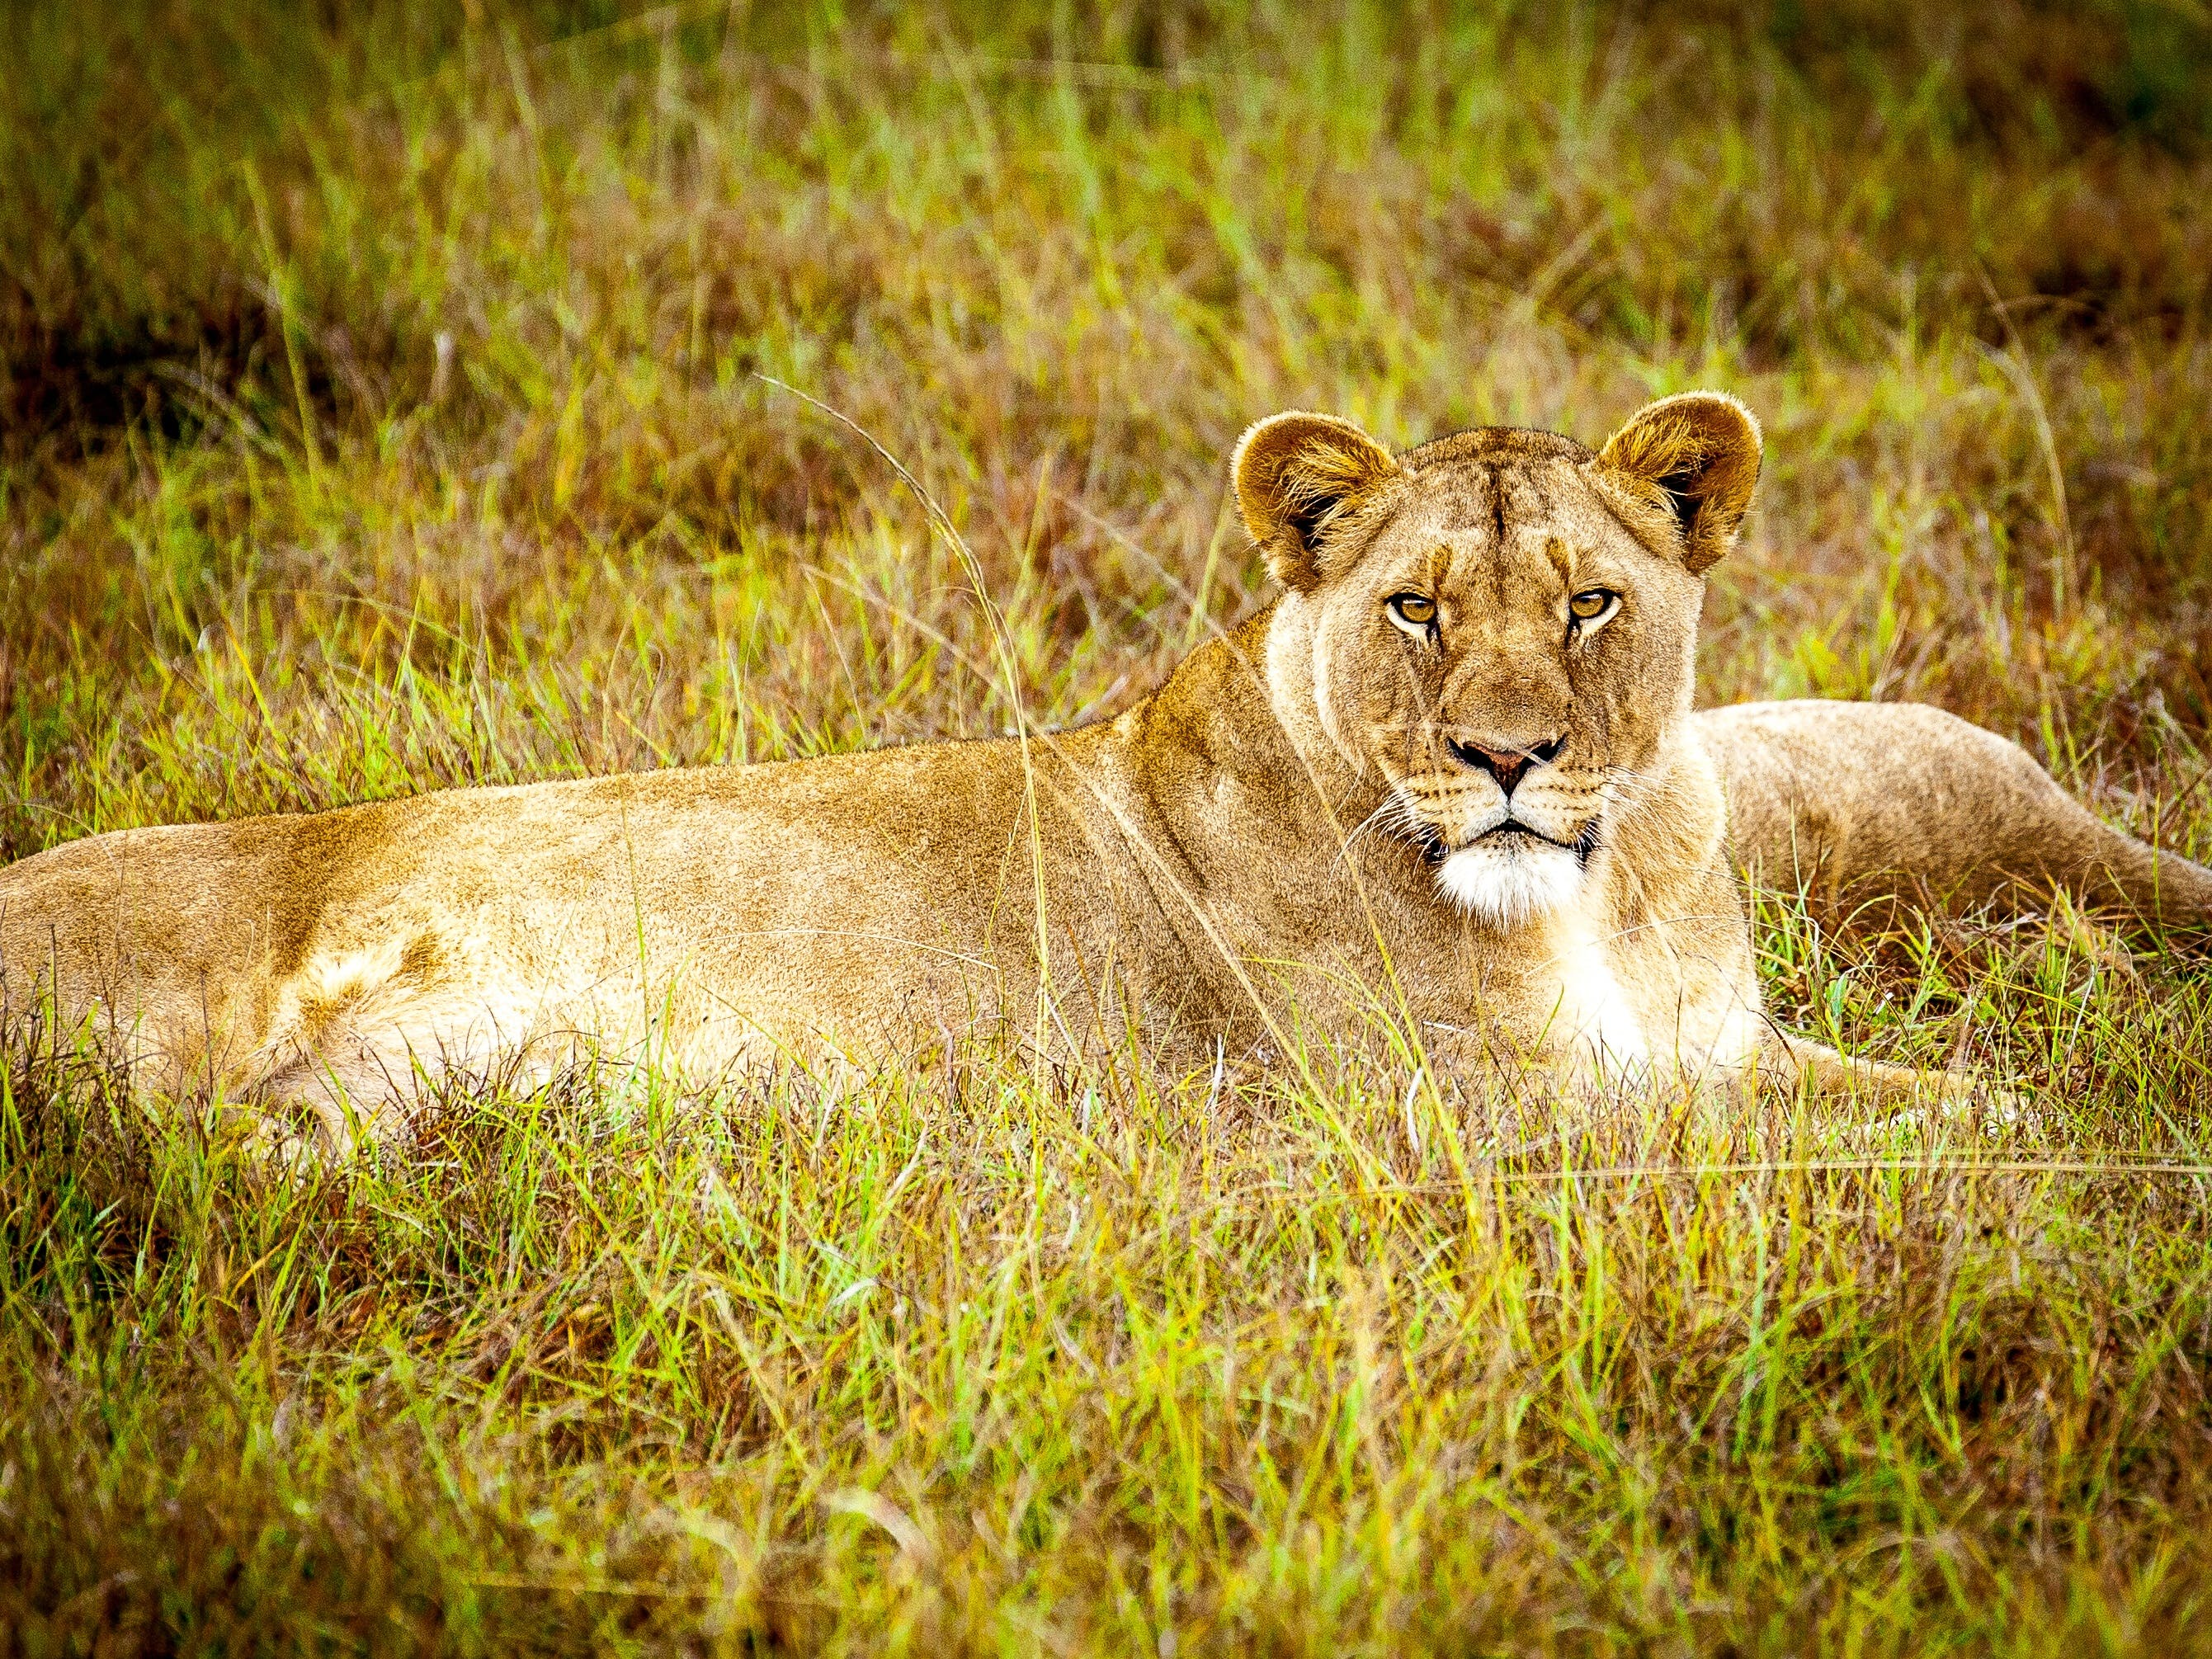 Gratis lagerfoto af bane, close-up, dyr, dyrefotografering